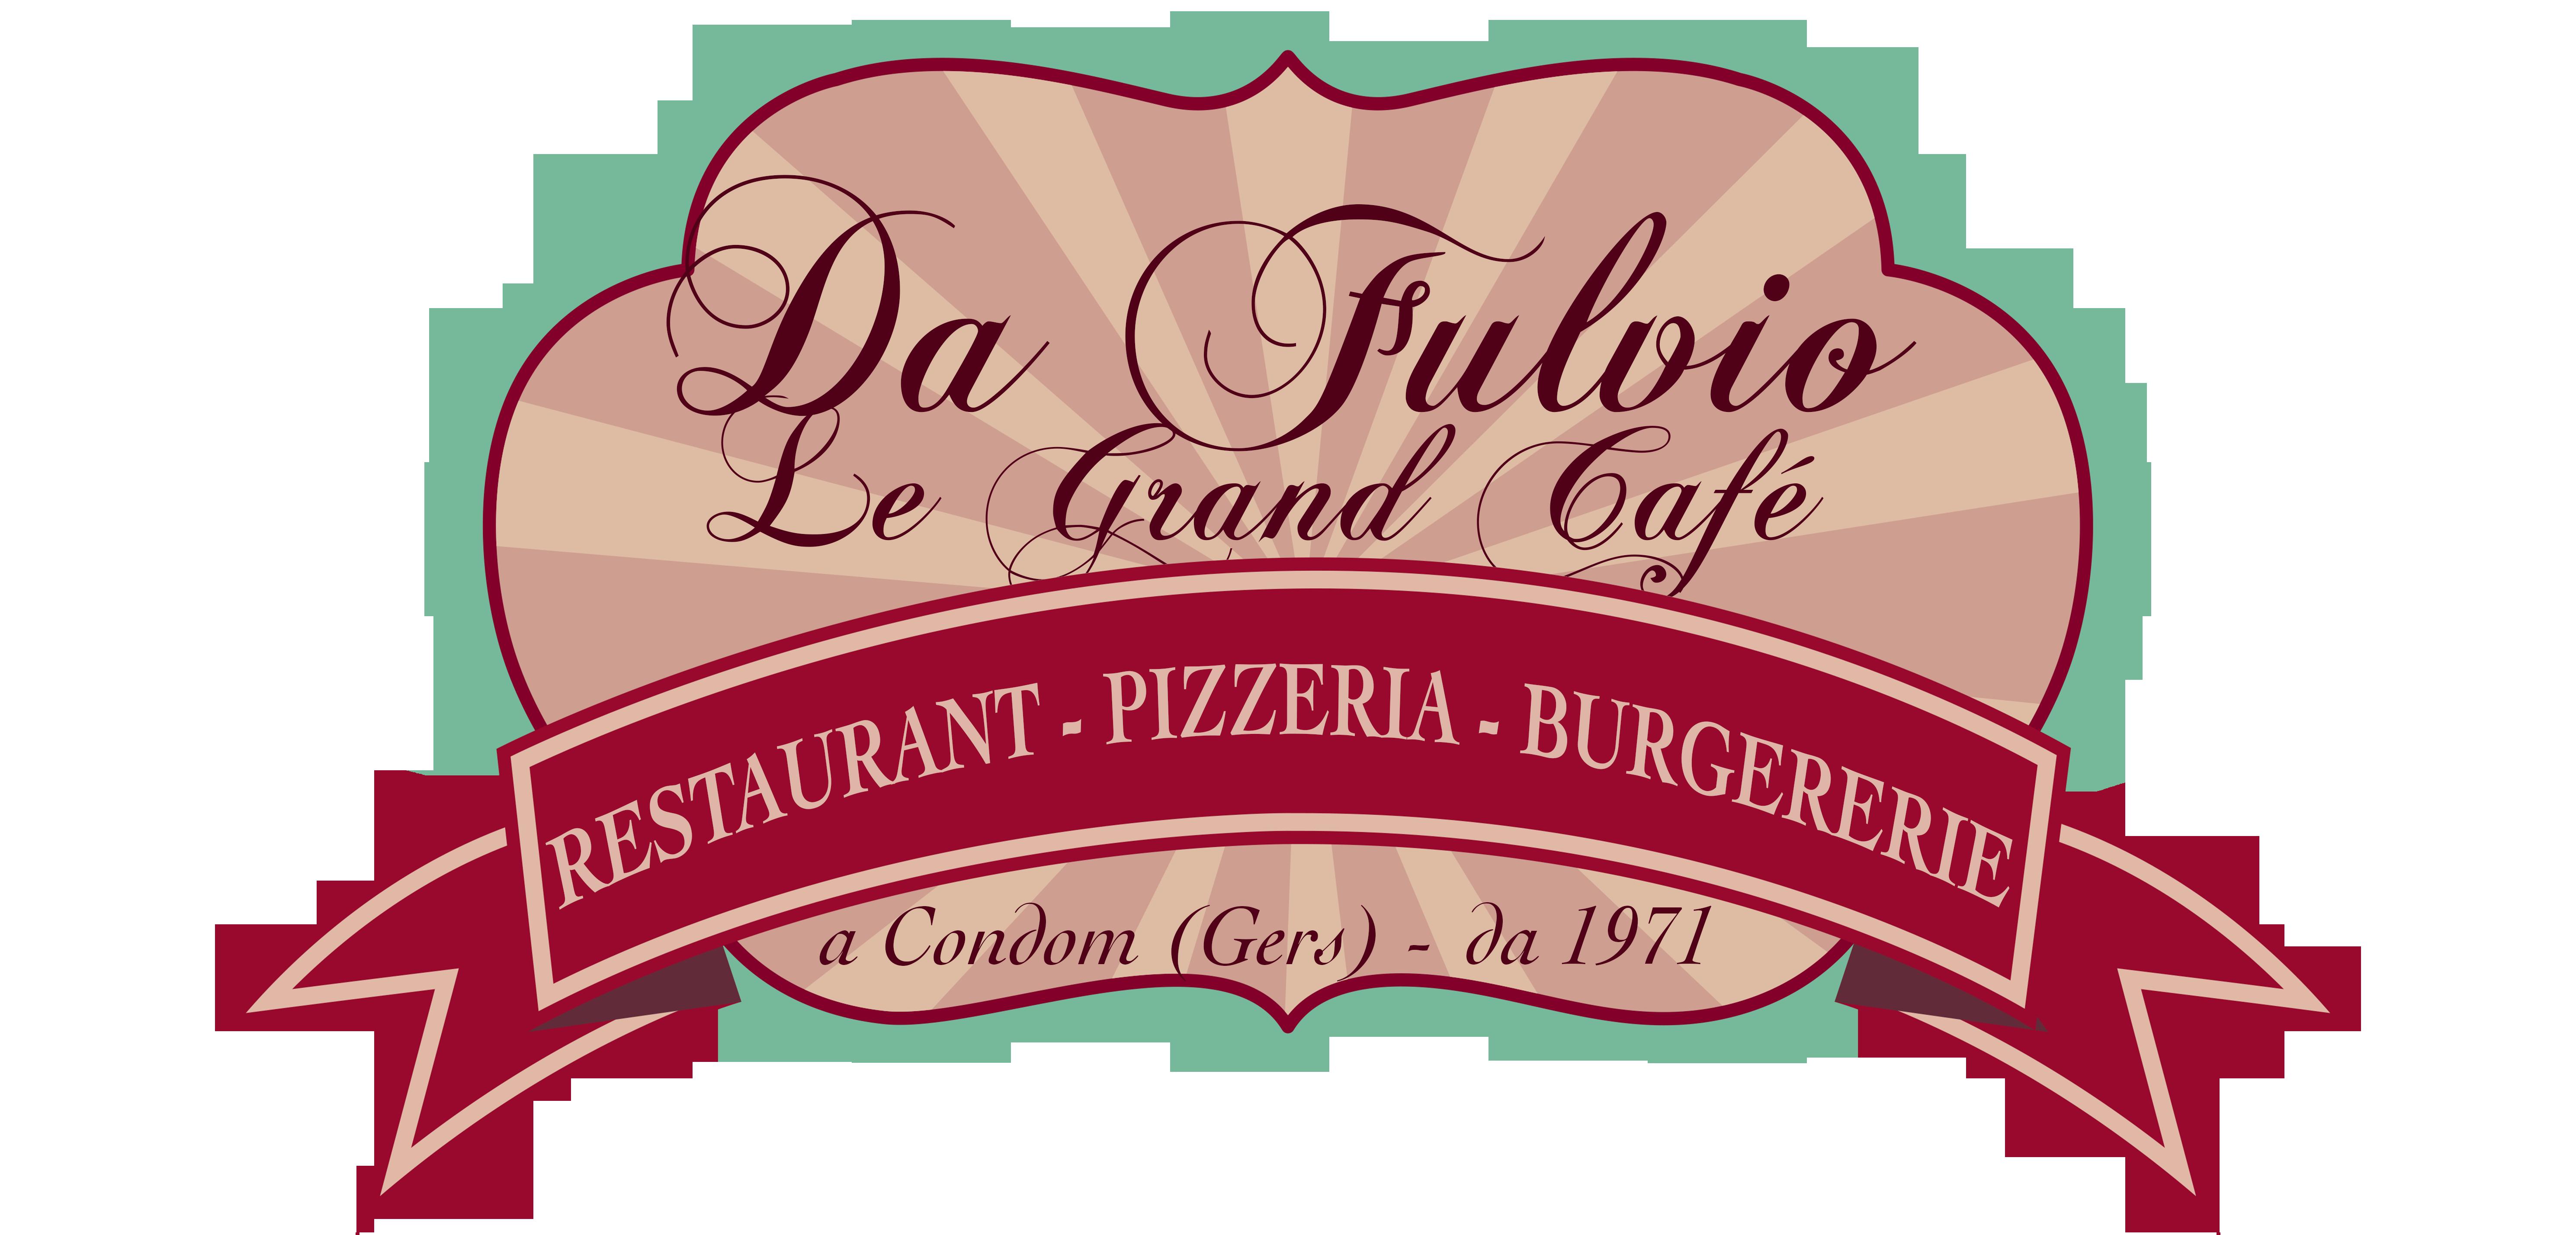 Le Grand Café - Brasserie Da Fulvio